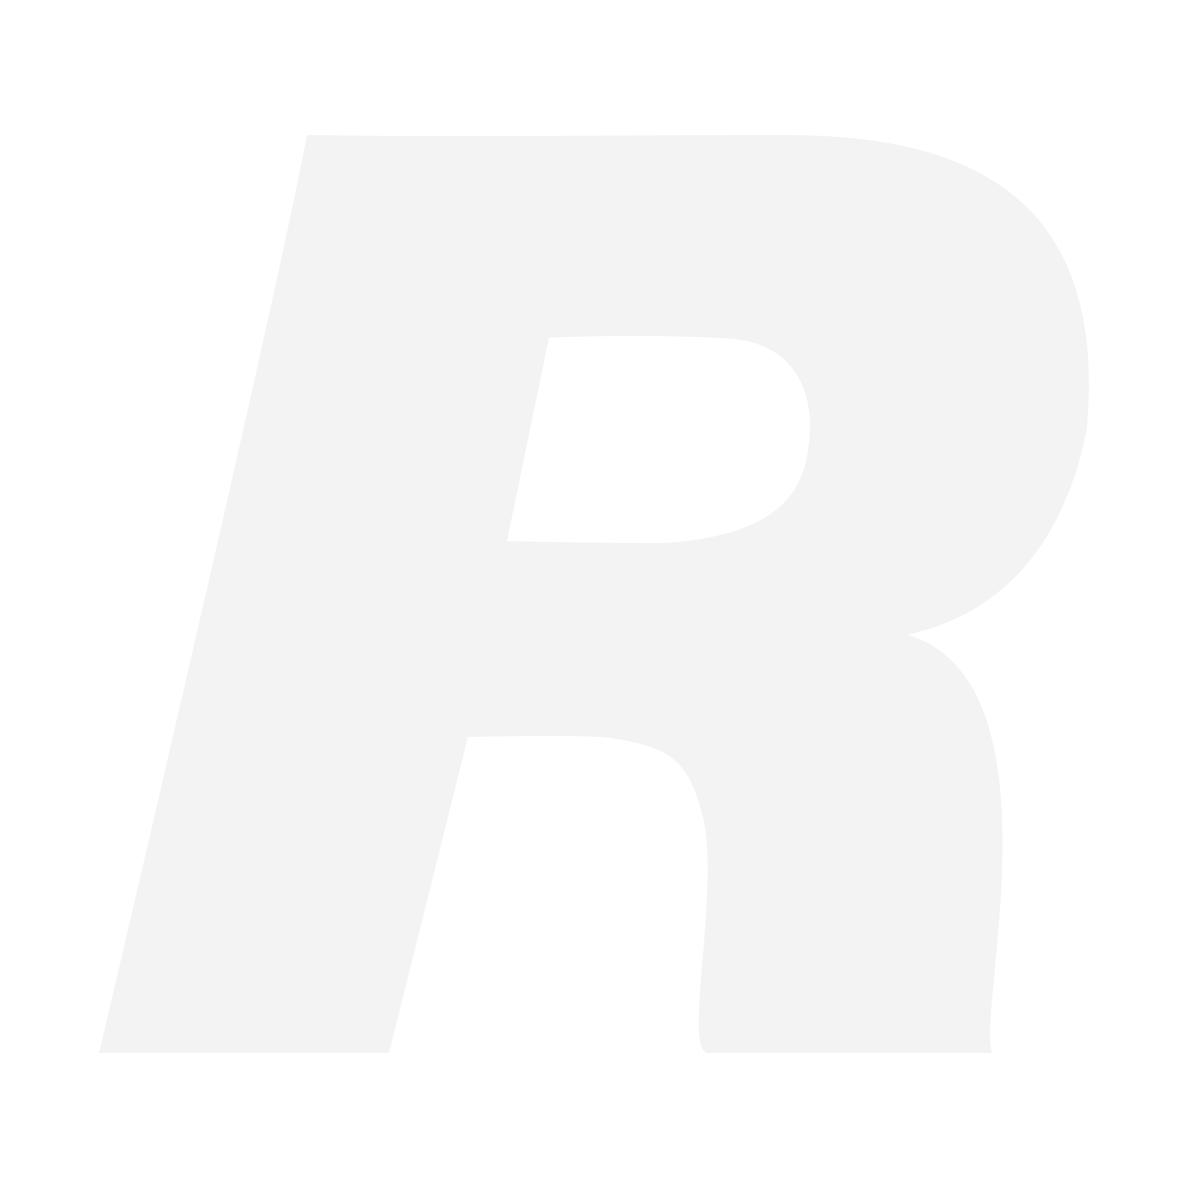 DJI Phantom päivityspaketti Zenmuse H3-2D gimbaaliin